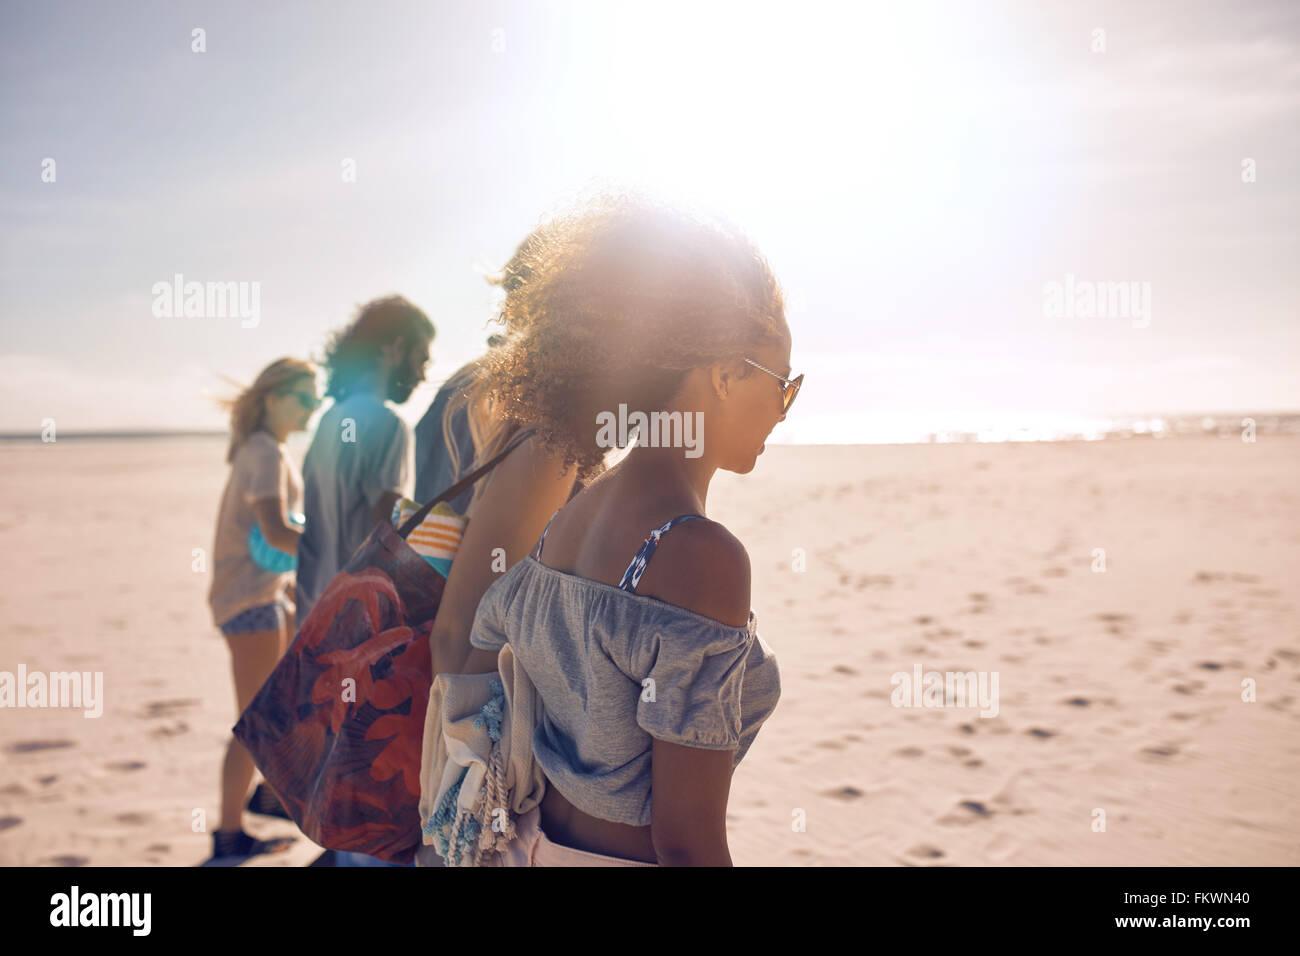 Inquadratura di un gruppo di giovani amici camminando lungo la spiaggia in una giornata di sole. Uomini e donne Immagini Stock